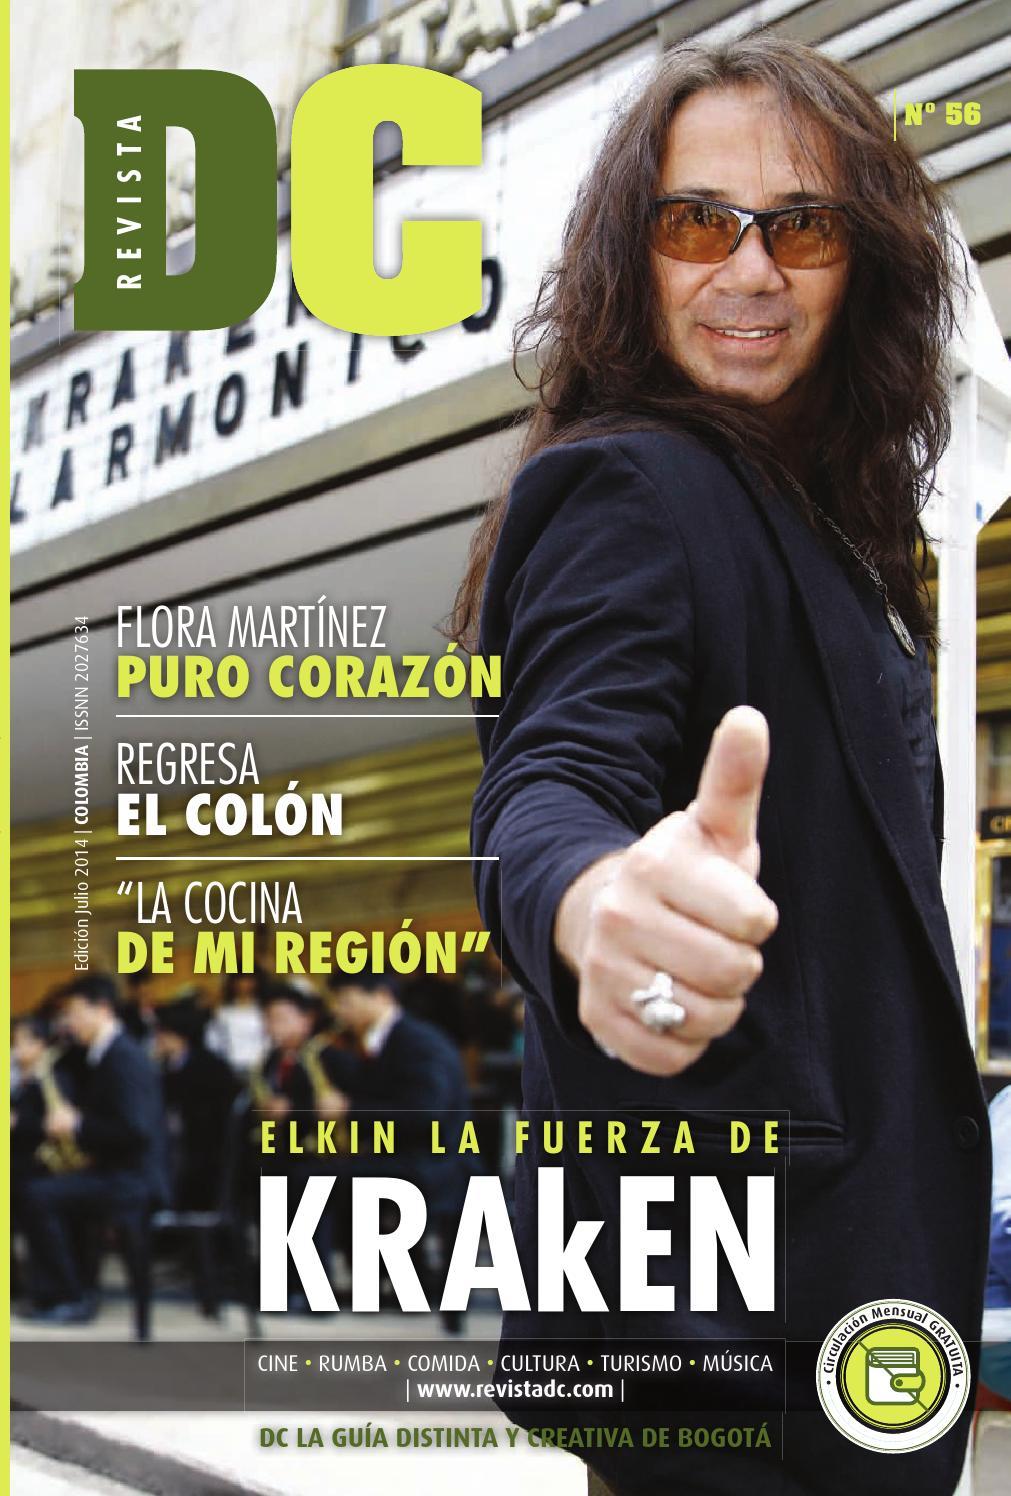 56 Revista Dc By Edición Issuu PuTOXkiZ